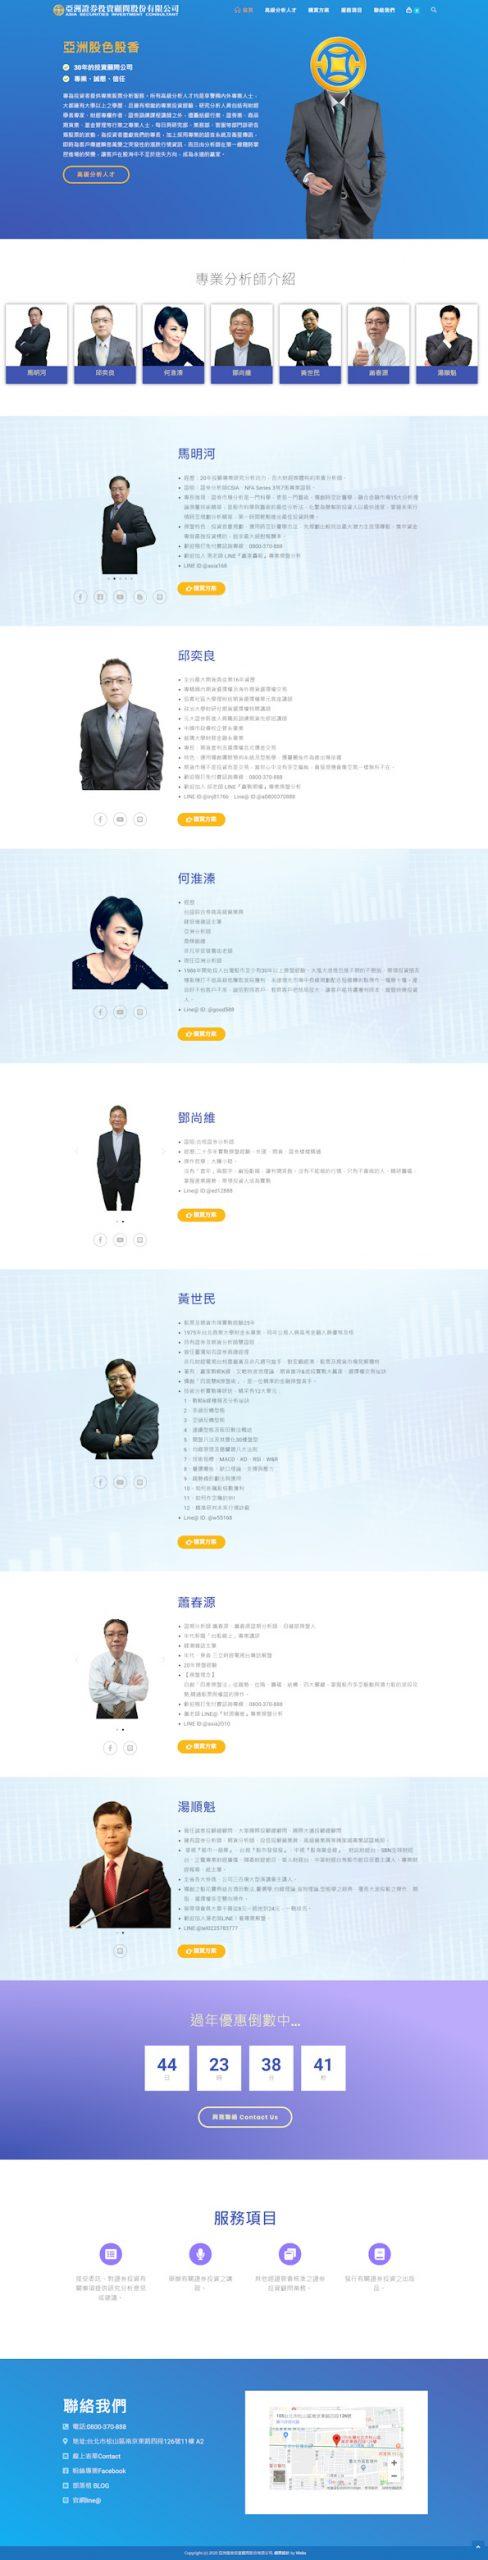 網頁設計-亞洲股色股香2